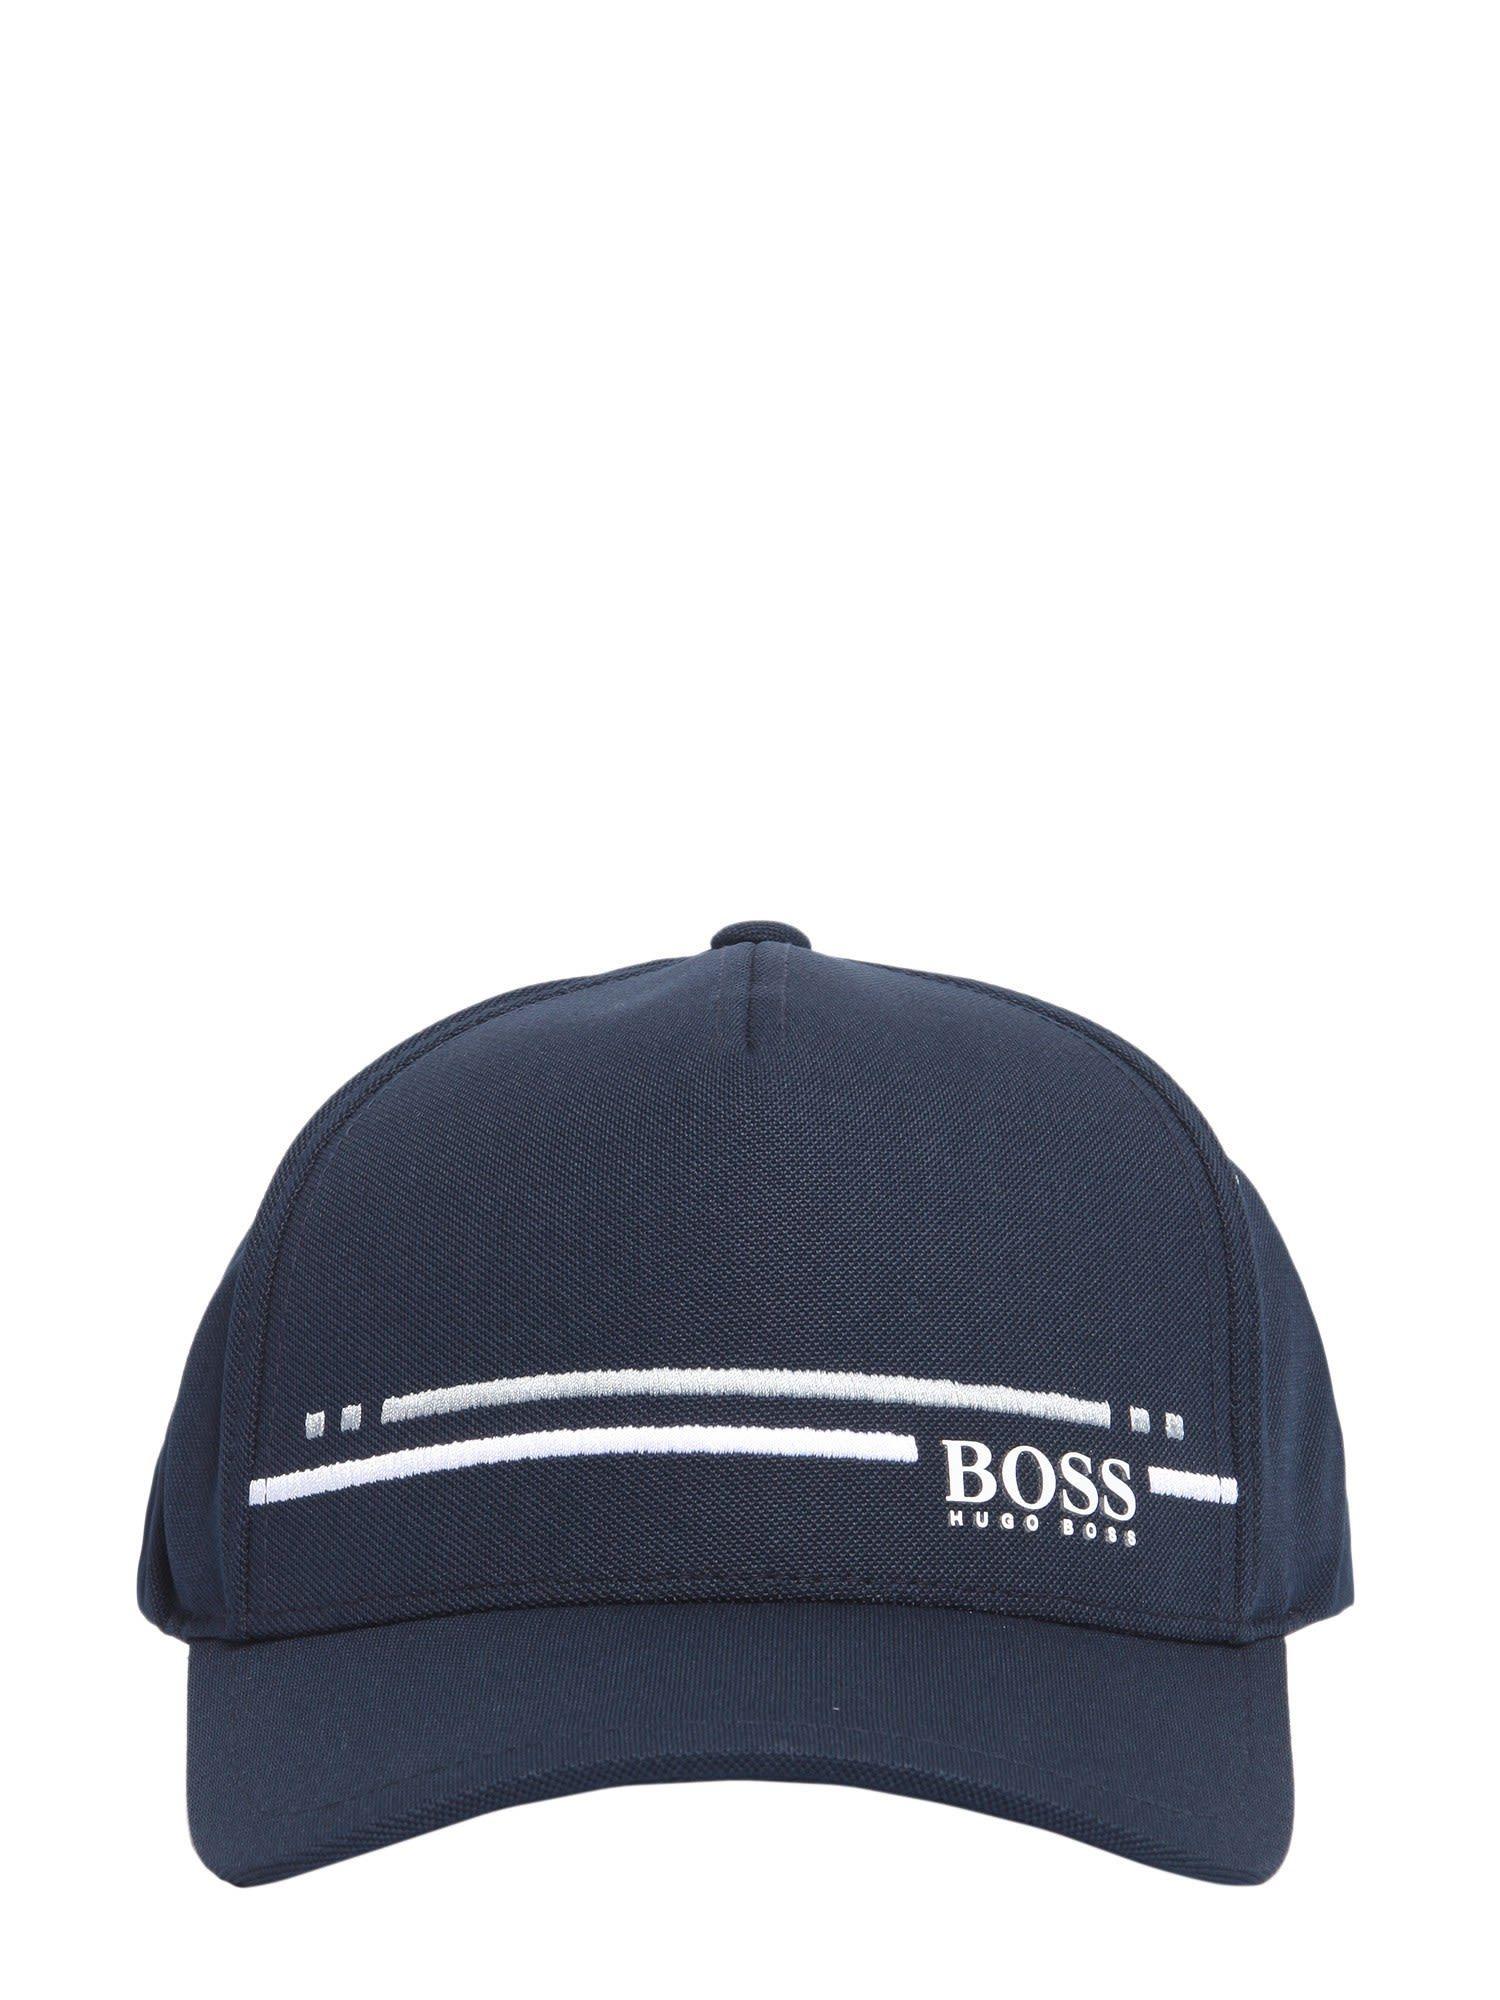 HUGO BOSS BASEBALL CAP.  hugoboss    f5db2094dea